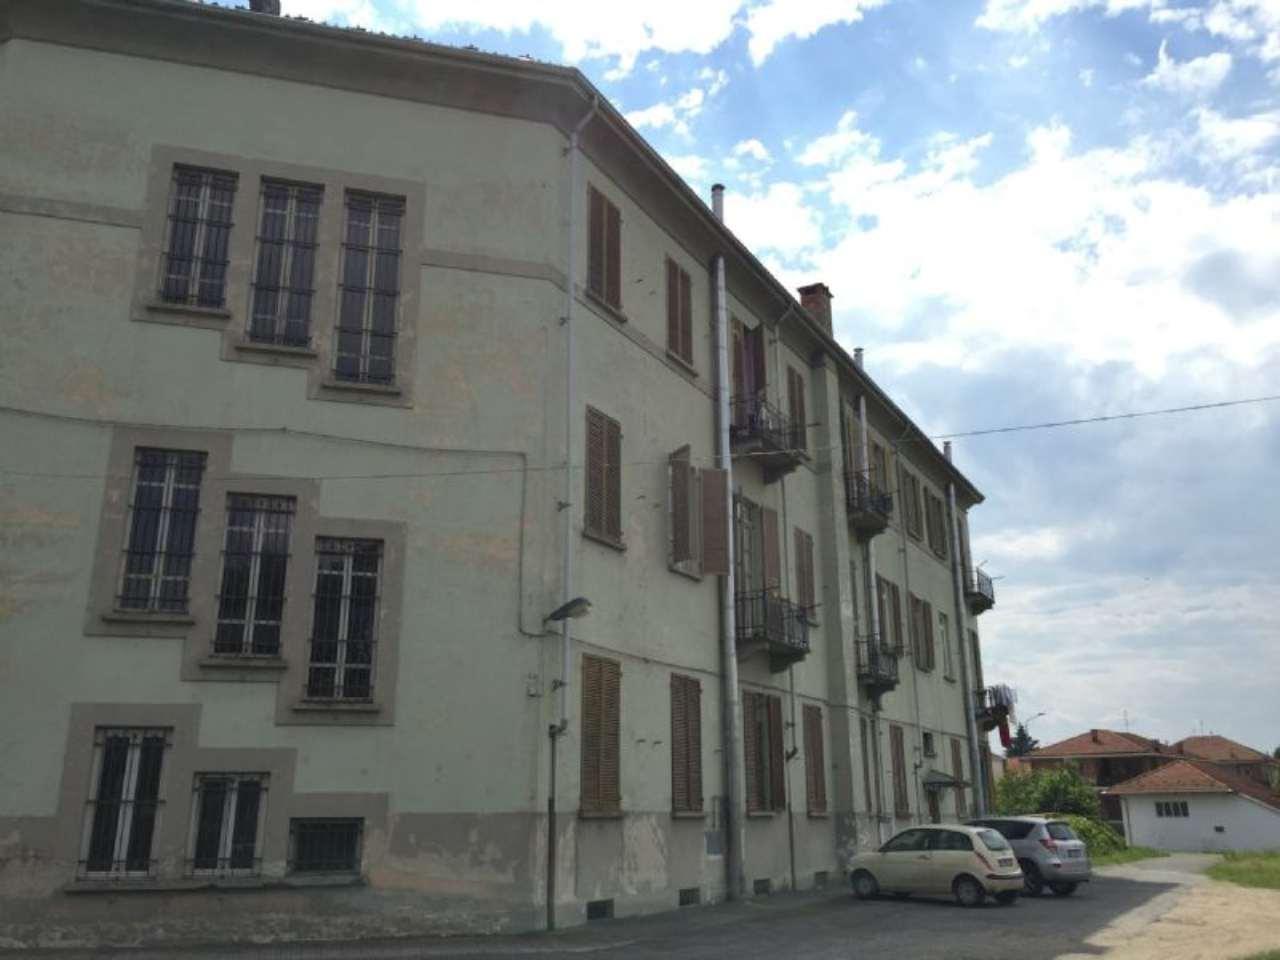 Appartamento in vendita a Carignano, 3 locali, prezzo € 50.000 | CambioCasa.it